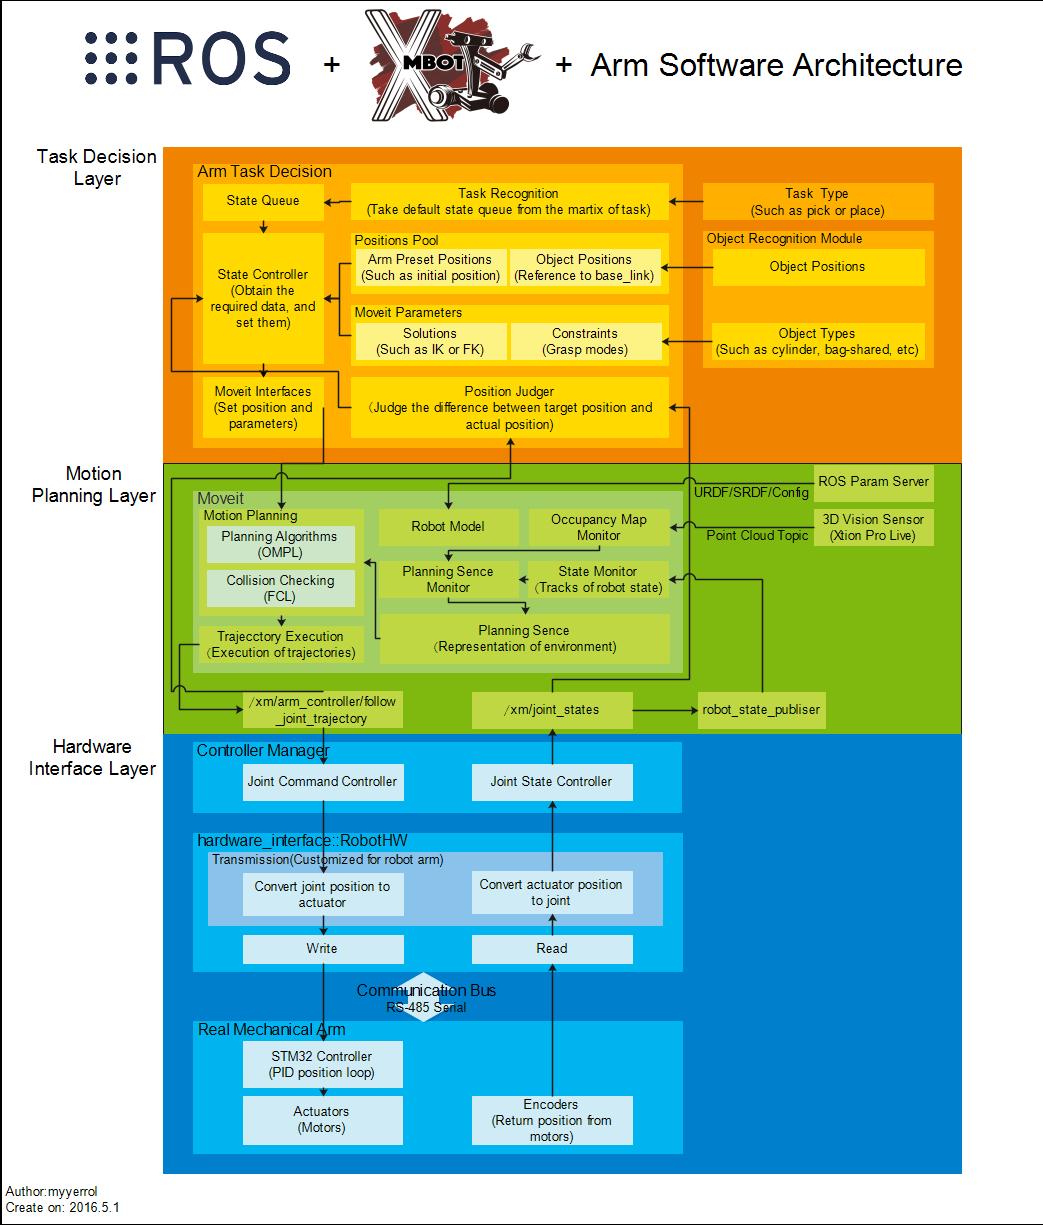 xm_arm_software_architecture